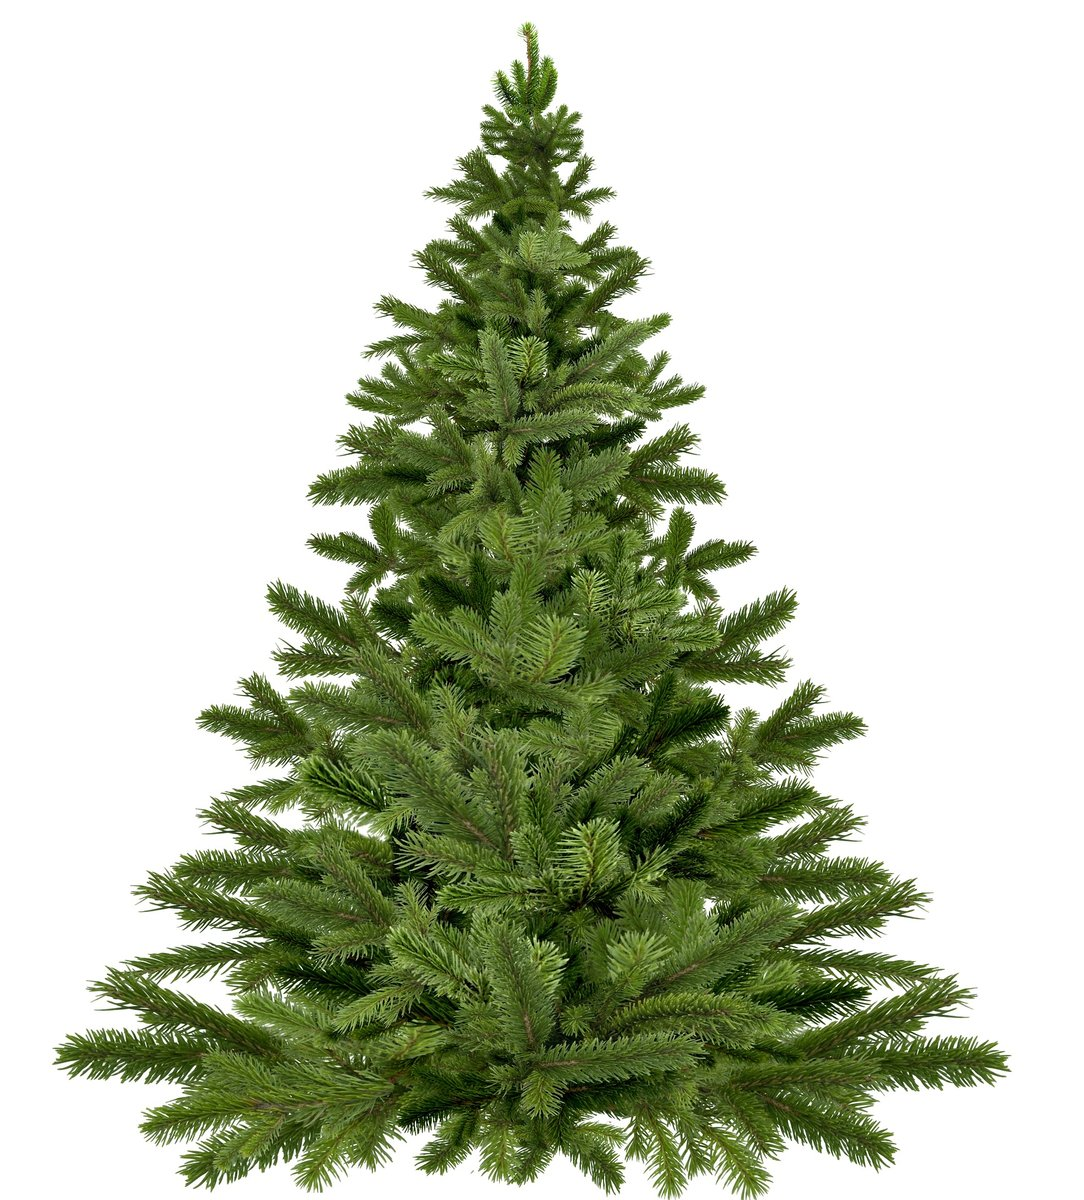 Wien Weihnachtsbaum Kaufen.Christbaumverkauf Thema Auf Meinbezirk At